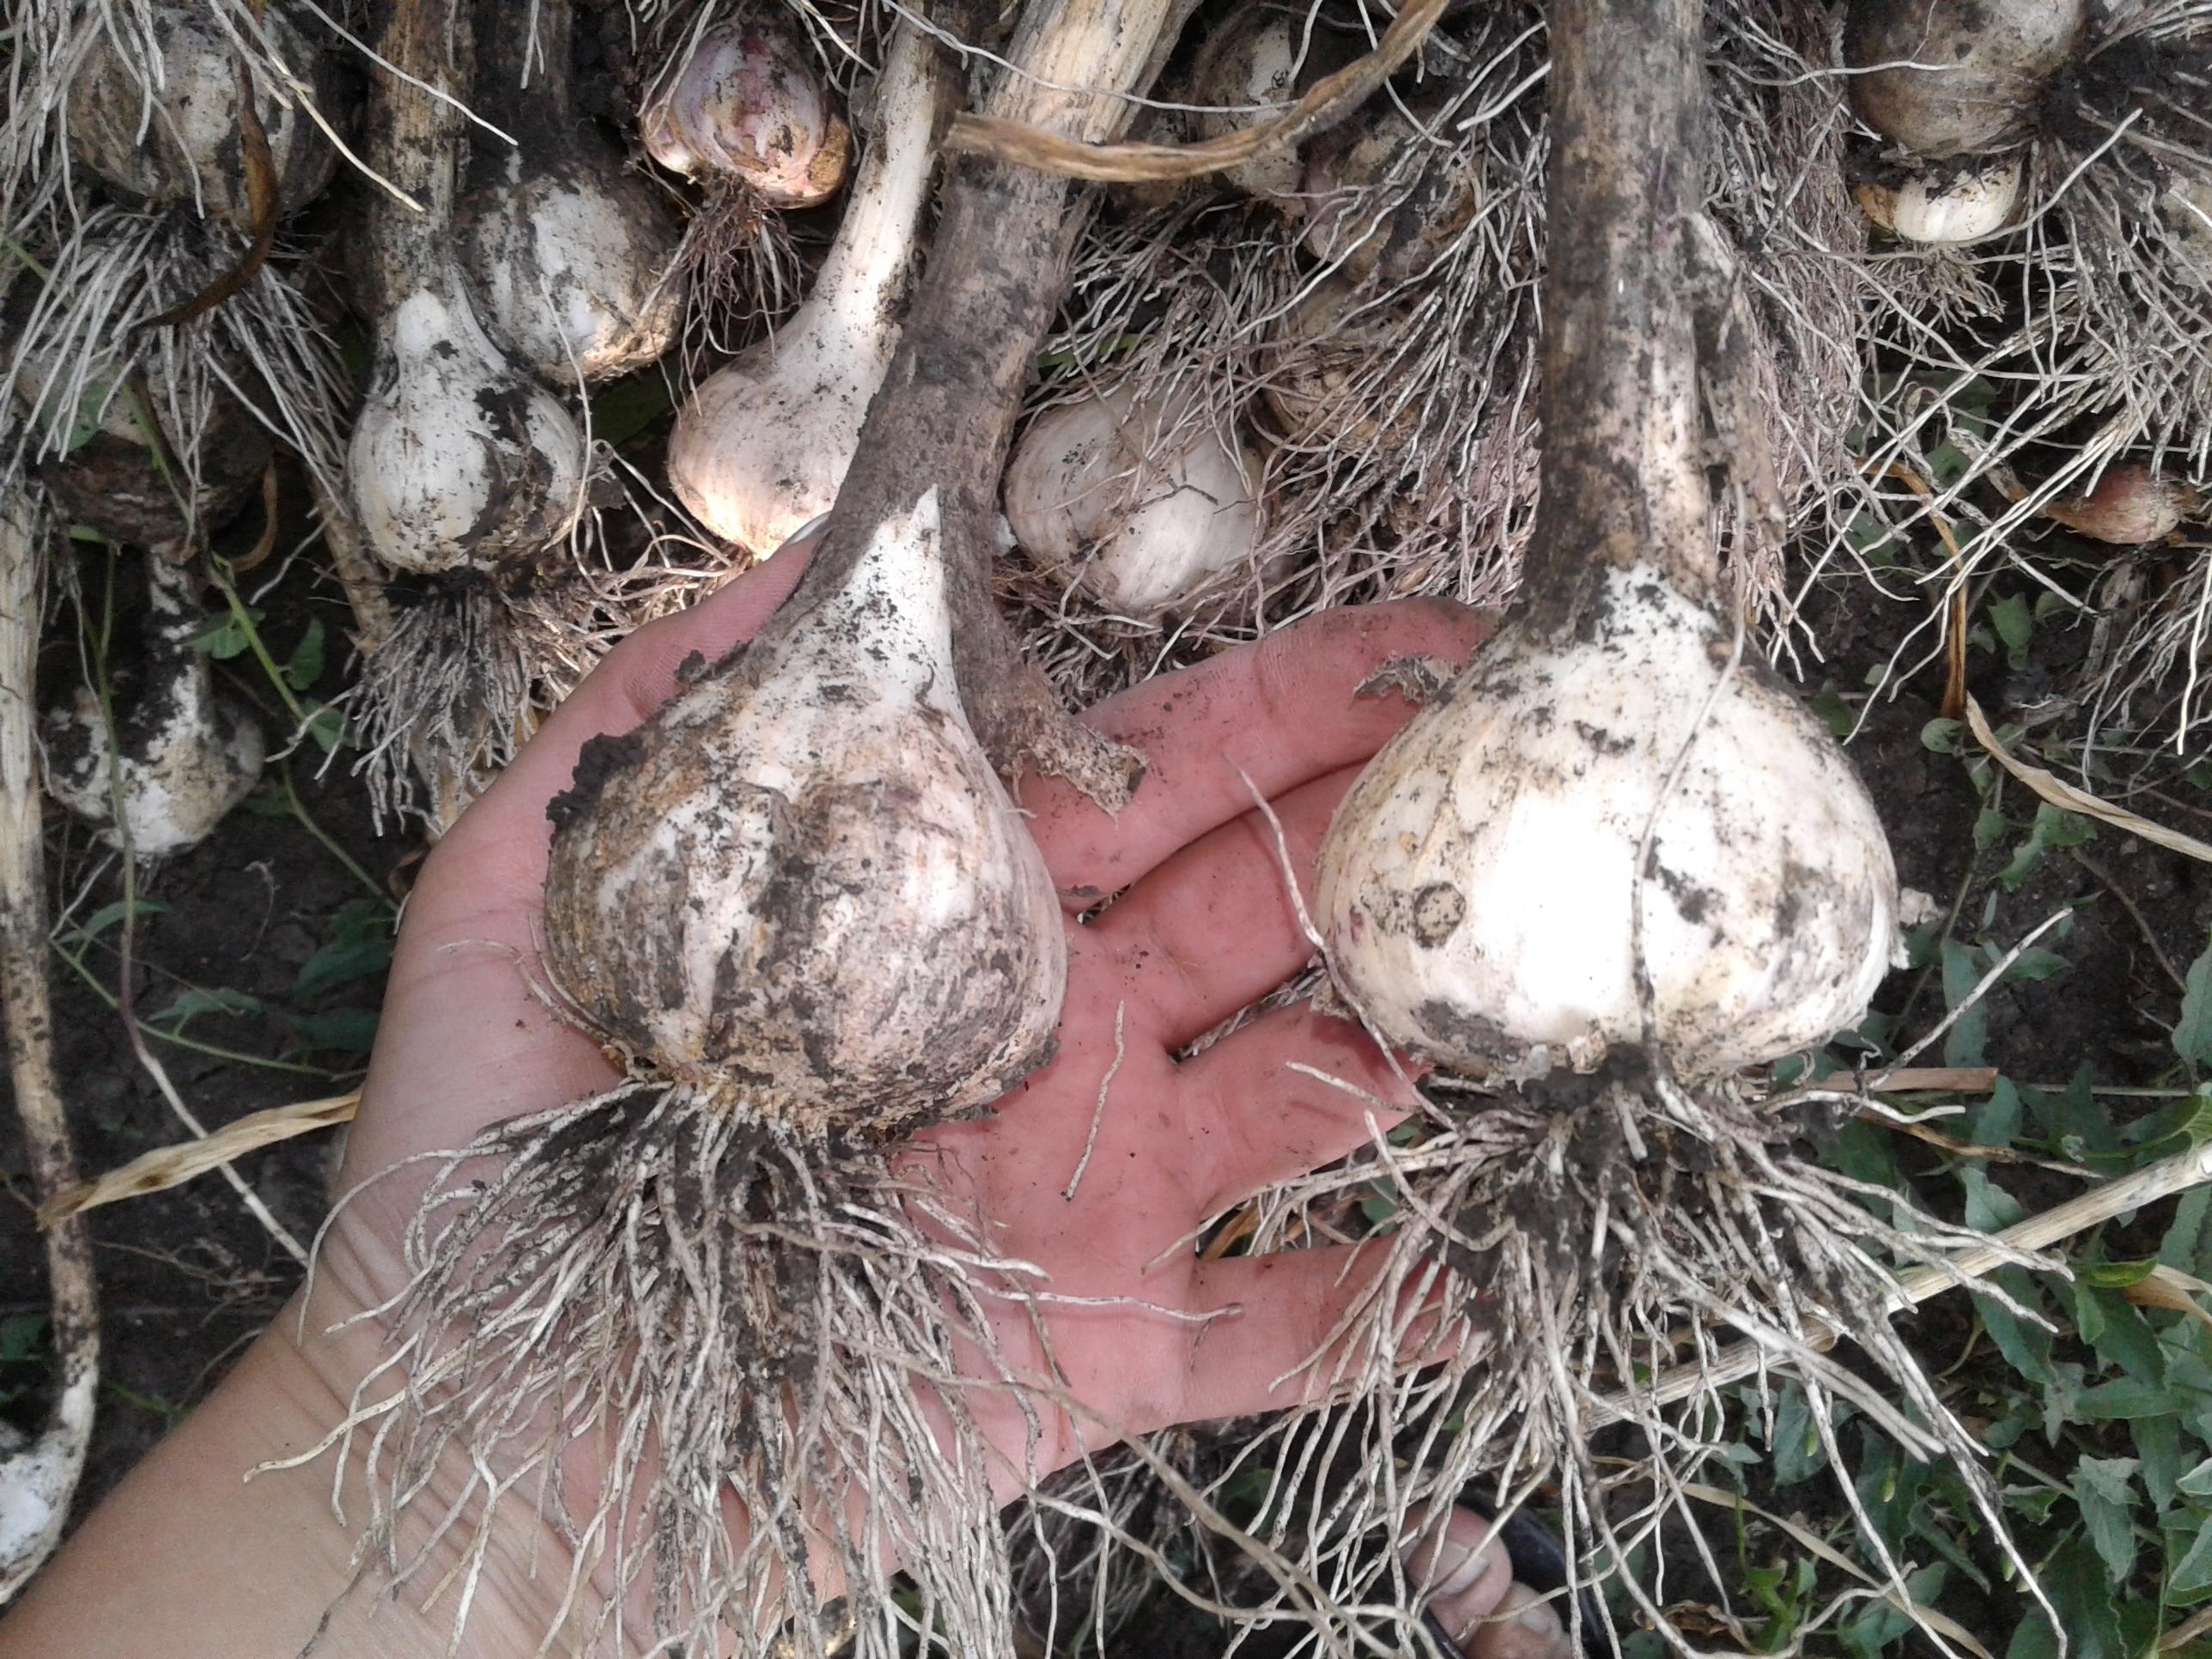 Когда убирать чеснок, посаженный под зиму: сроки и правила уборки, методы хранения зимнего чеснока